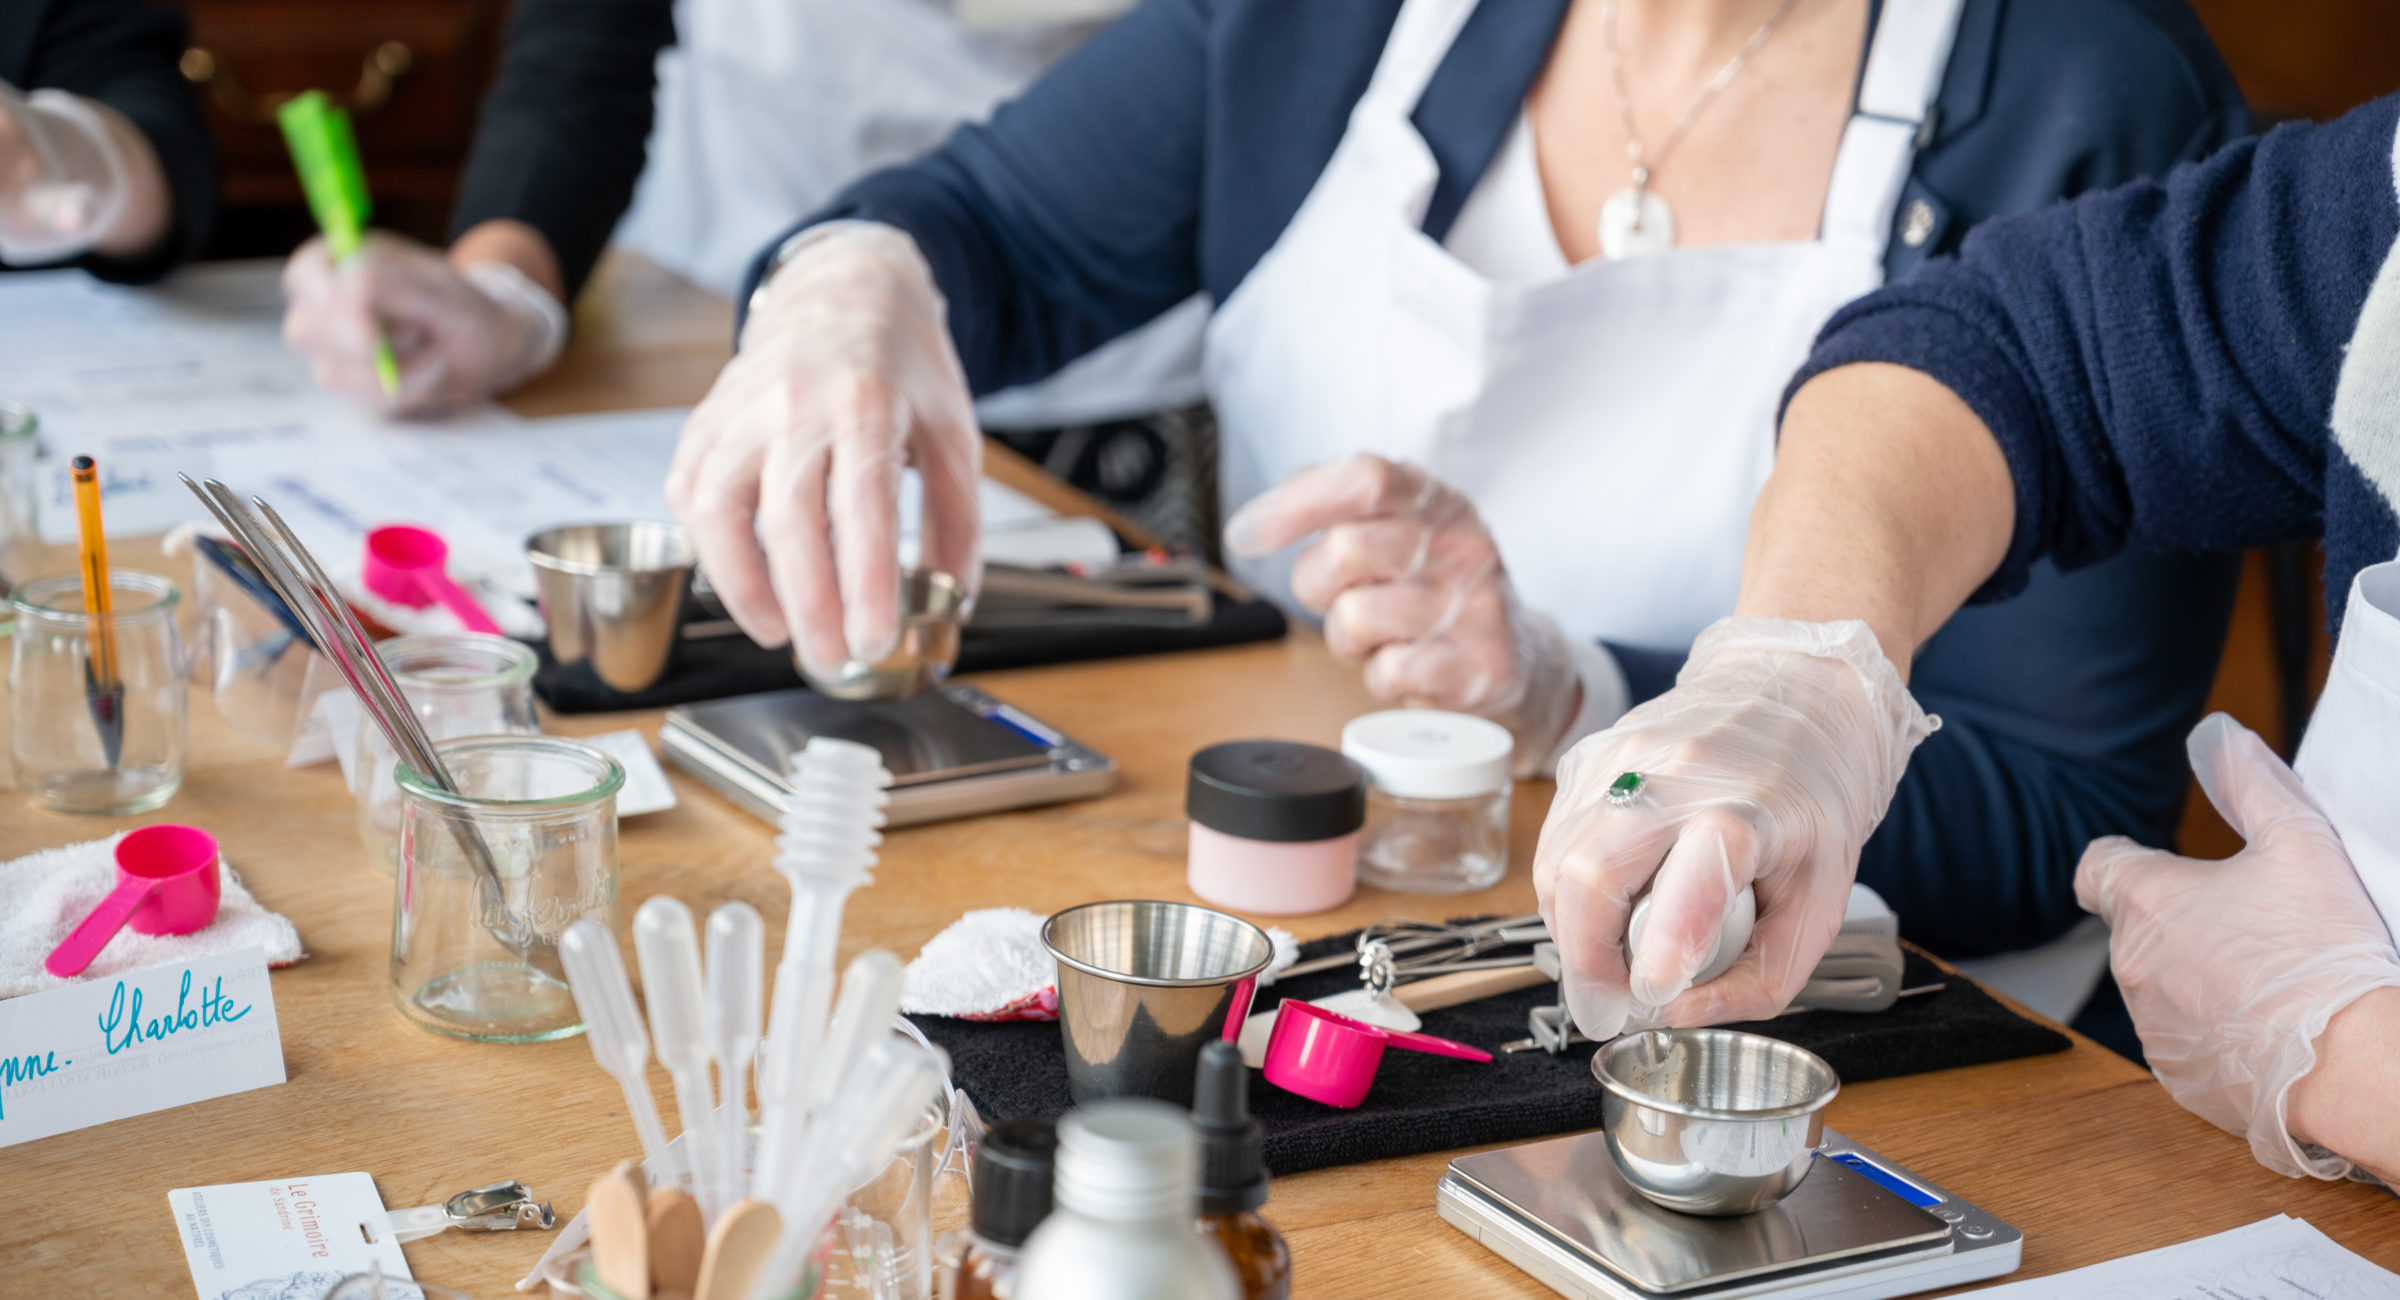 Ateliers DIY de cosmétiques au naturel